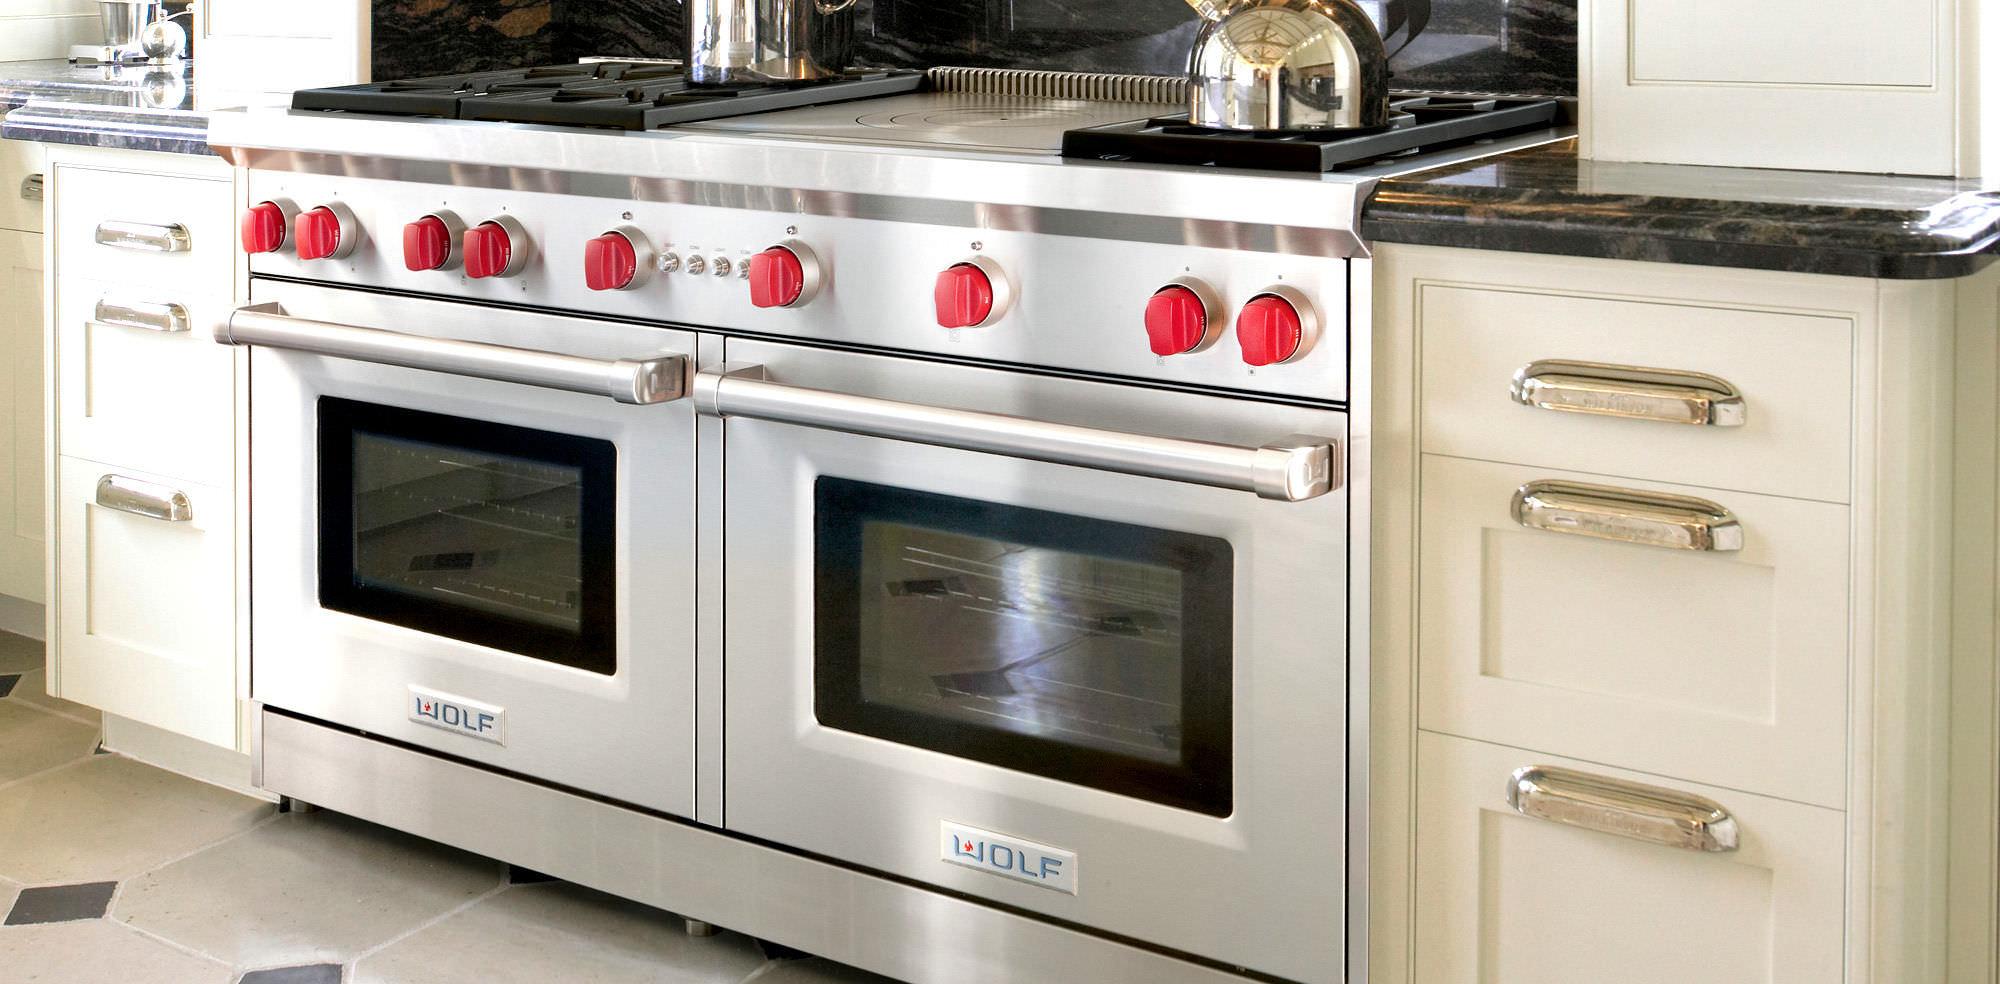 Gas range cooker - 60 - SUB-ZERO